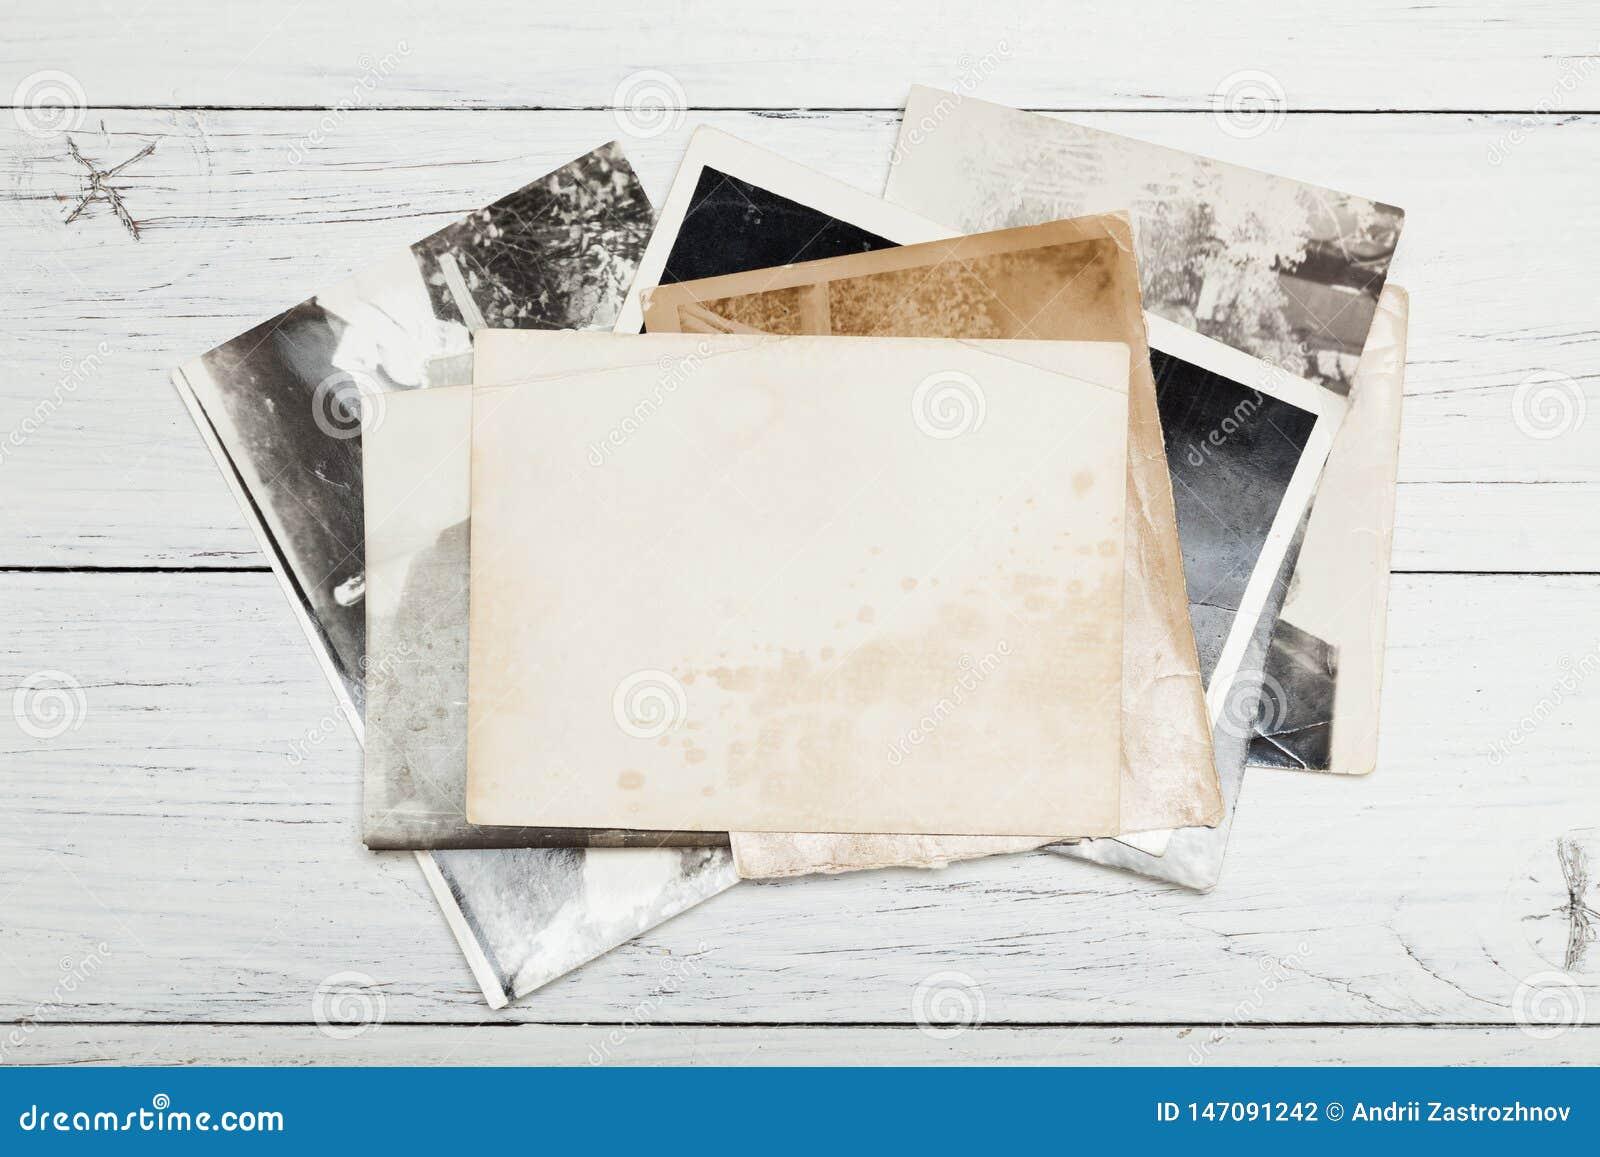 Παλαιά κάρτα εικόνων πλαισίων φωτογραφιών, παλαιό υπόβαθρο καρτών